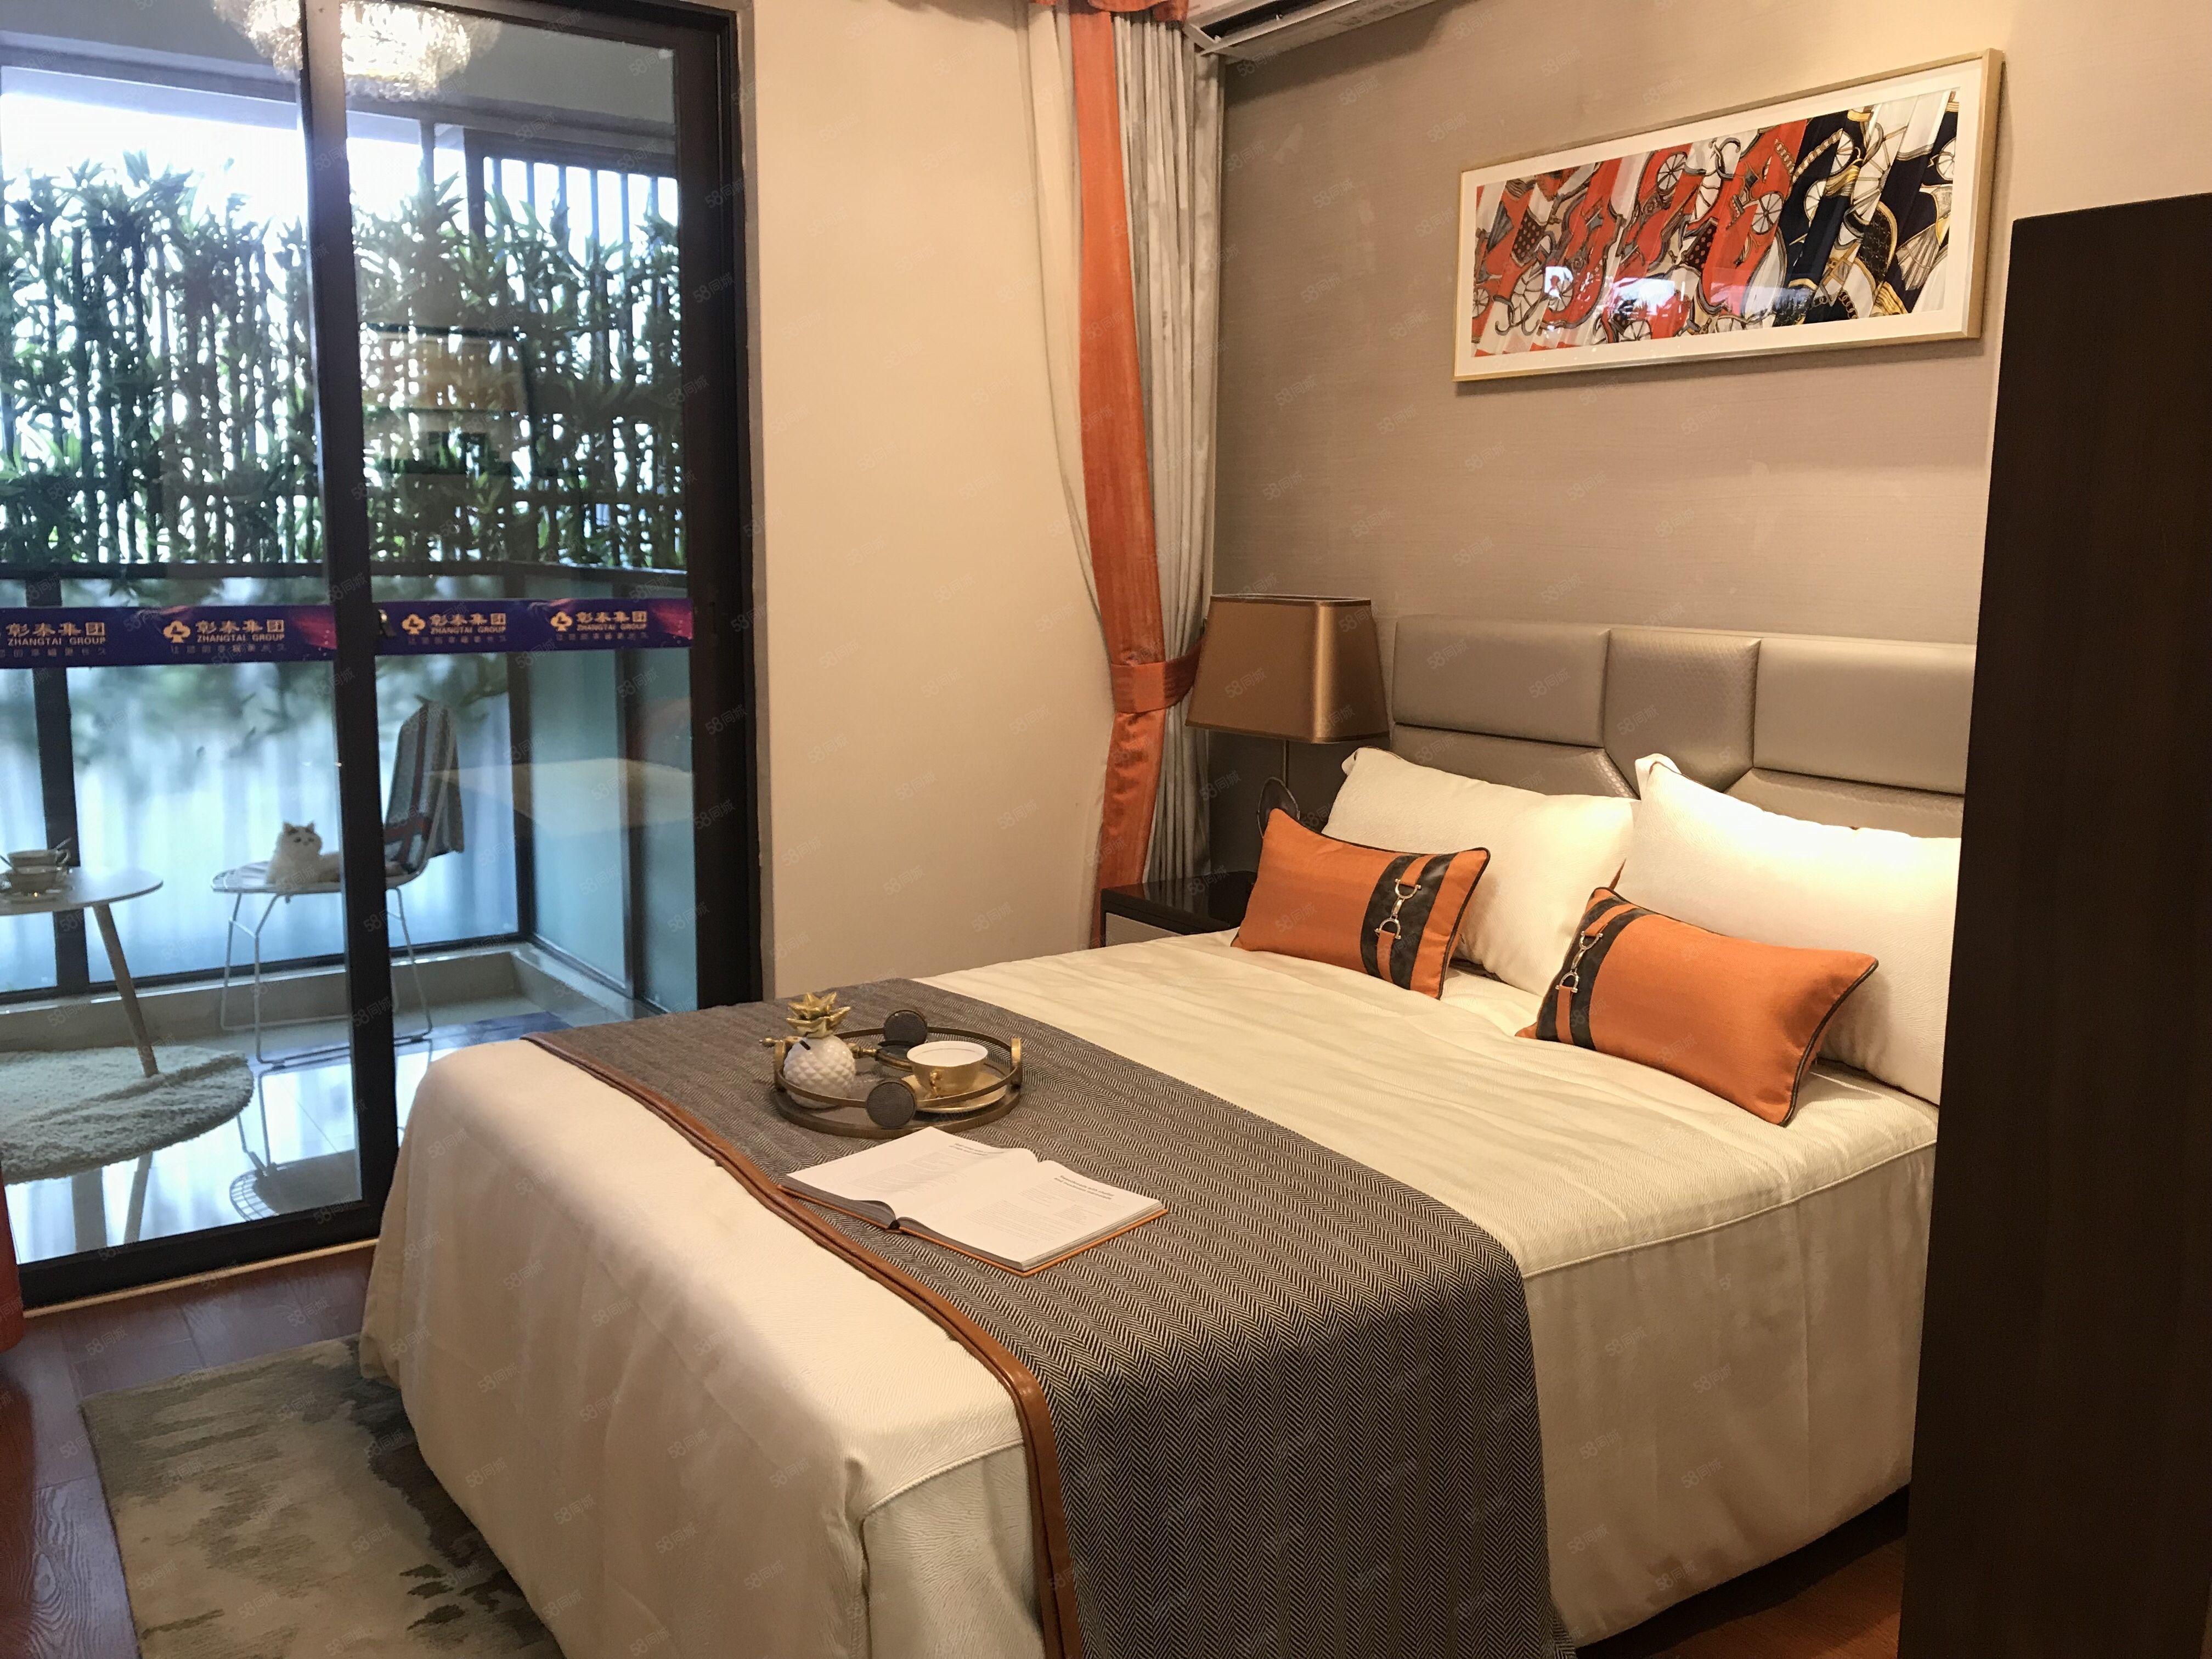 彰泰城3房2厅2卫出售,户型方正,送面积多首付低至3万起